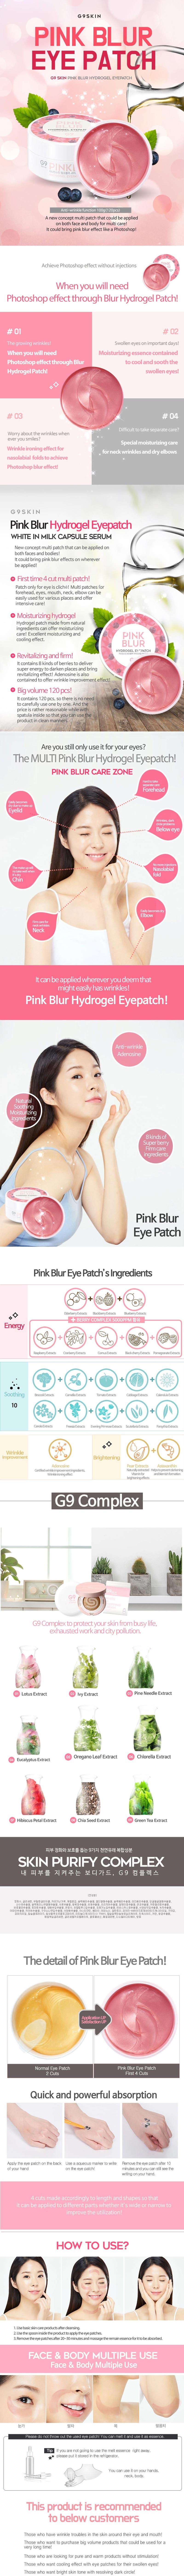 Pink Blur Hydrogel Eye Patch 100g